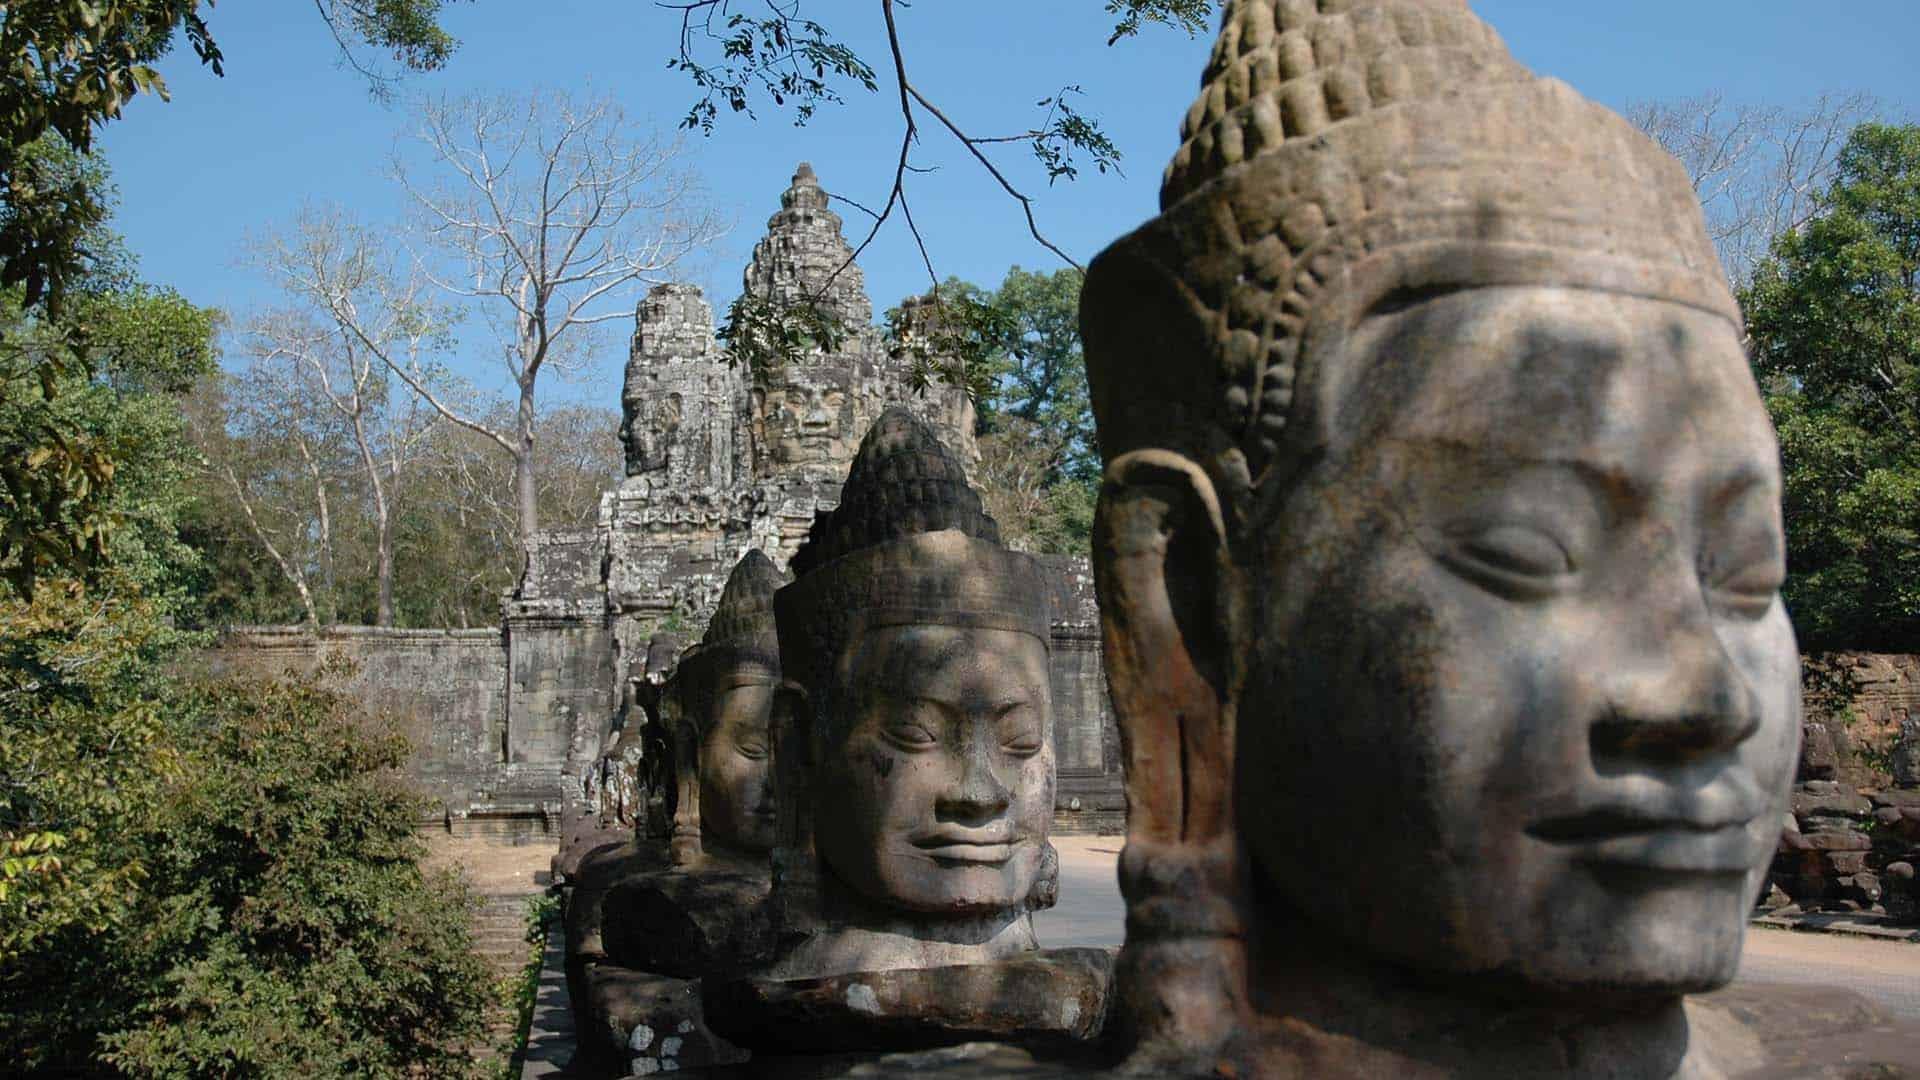 Guardians at Angkor Wat